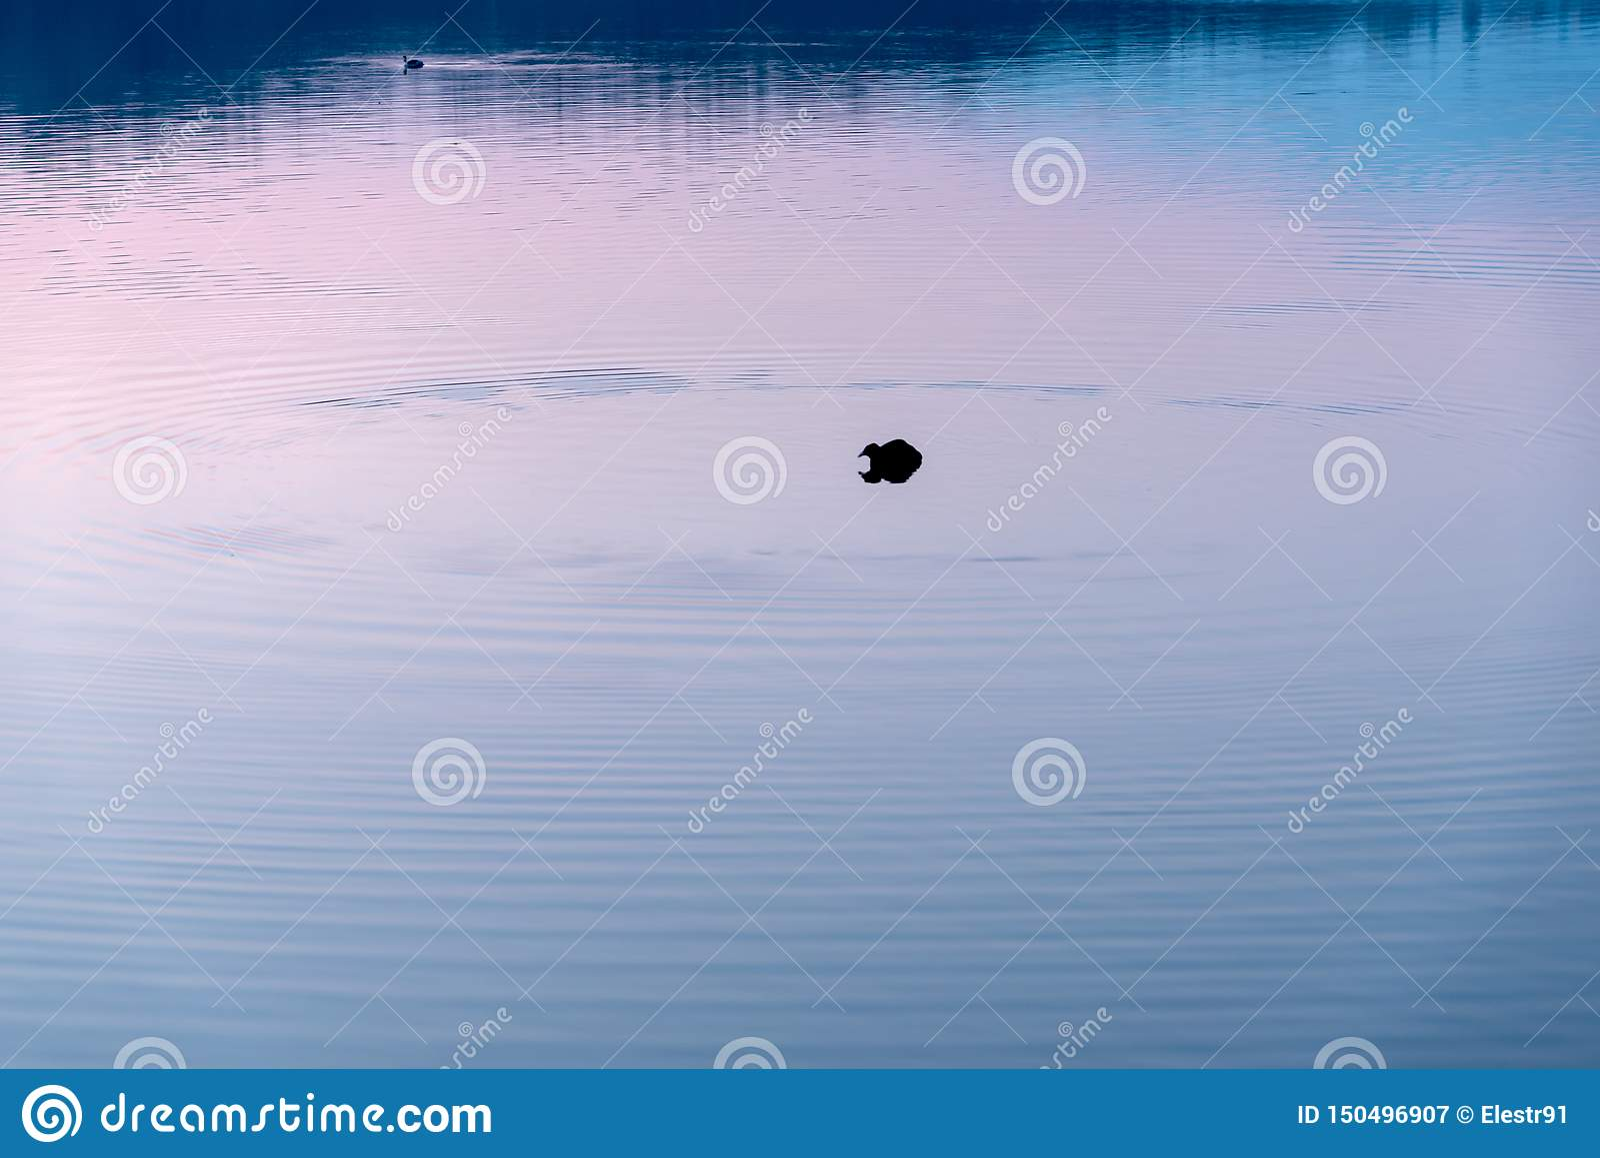 Duck in purple